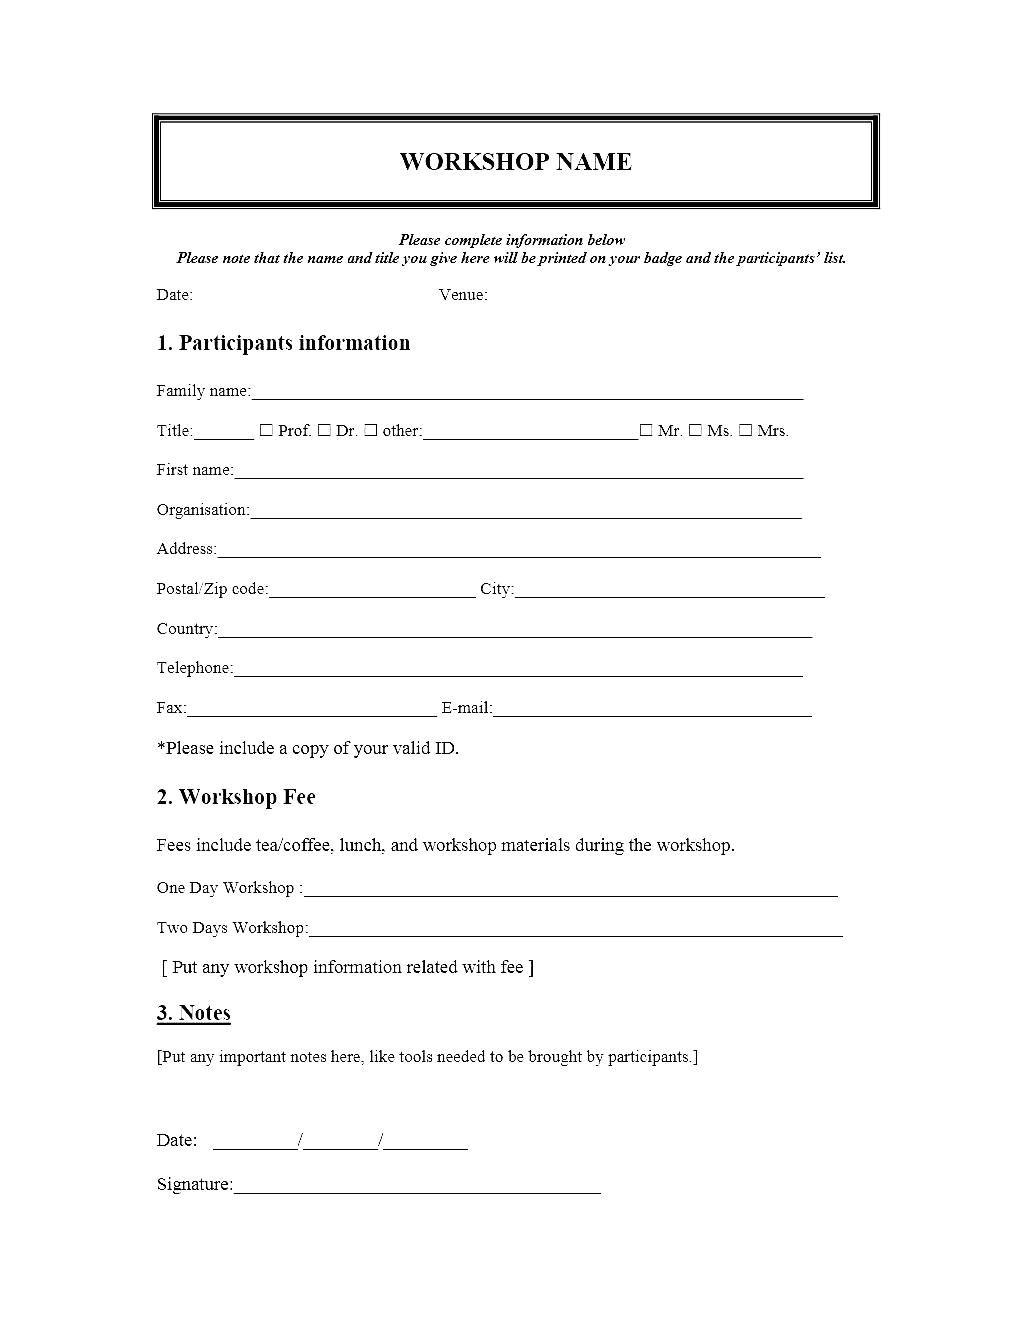 Participant Registration form Template event Registration form Template Microsoft Word